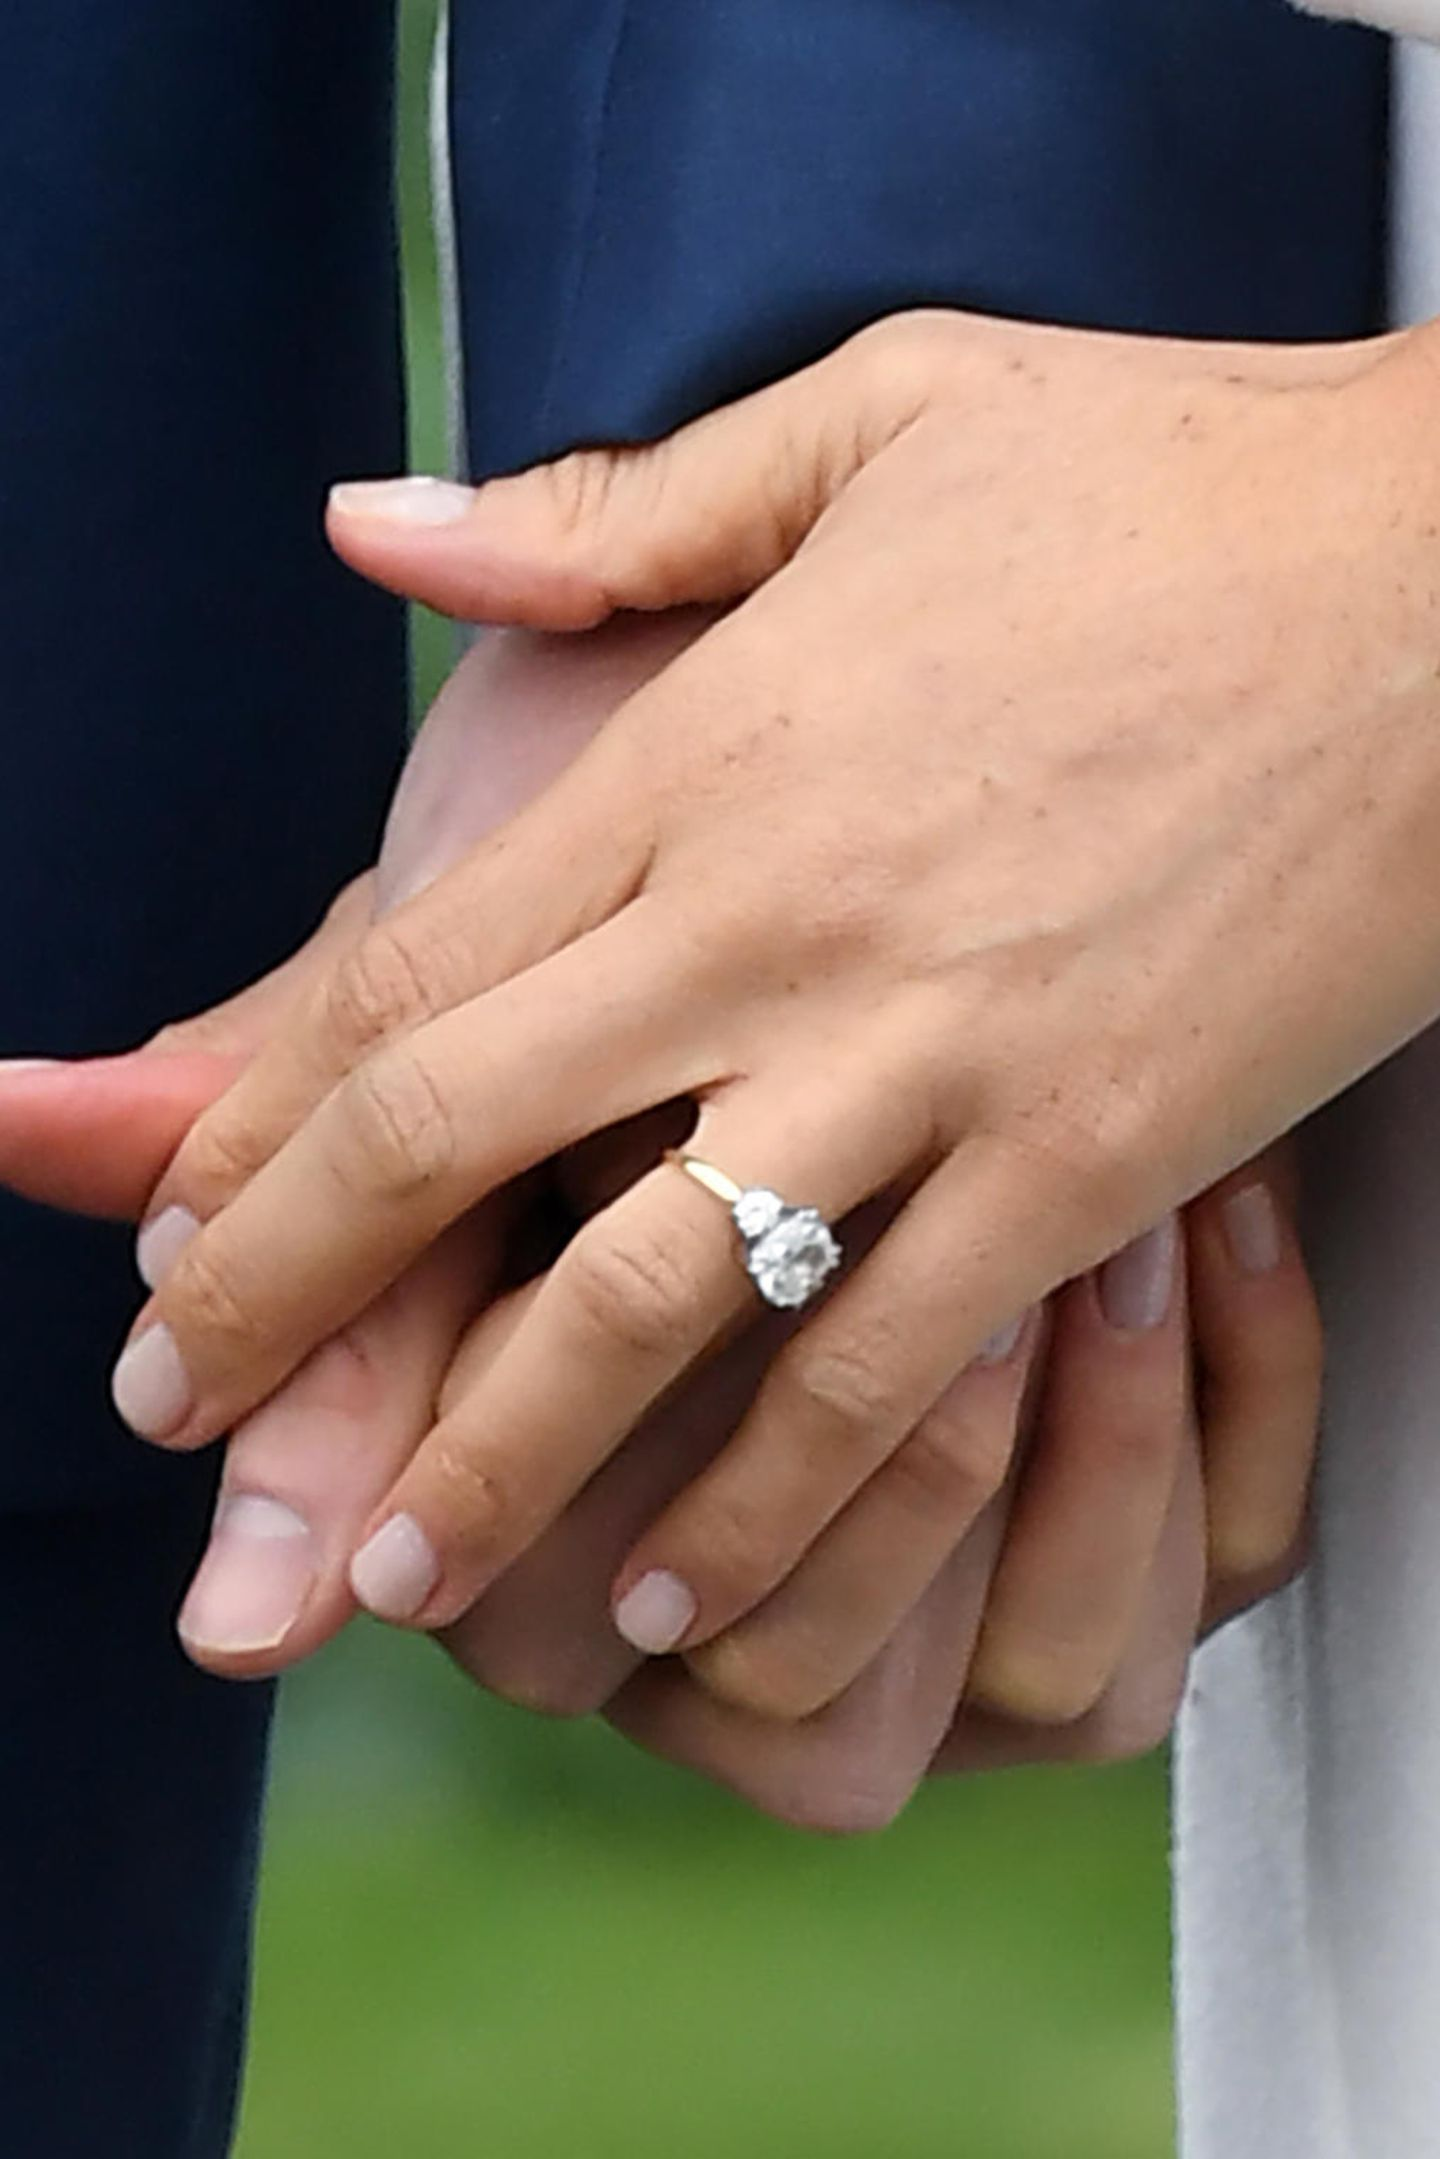 So stammen die zwei äußeren, kleineren Diamanten mit je einem Karat aus einem Schmuckstück von Harrys verstorbener Mutter, Prinzessin Diana. Der mittlere, große Diamant mit rund drei Karat stammt aus Botswana – ein Ort, zu dem sowohl Prinz Harry als auch Meghan eine besondere Verbindung haben. Gehalten wurden die Edelsteine von einem Ringband aus 750er Roségold.